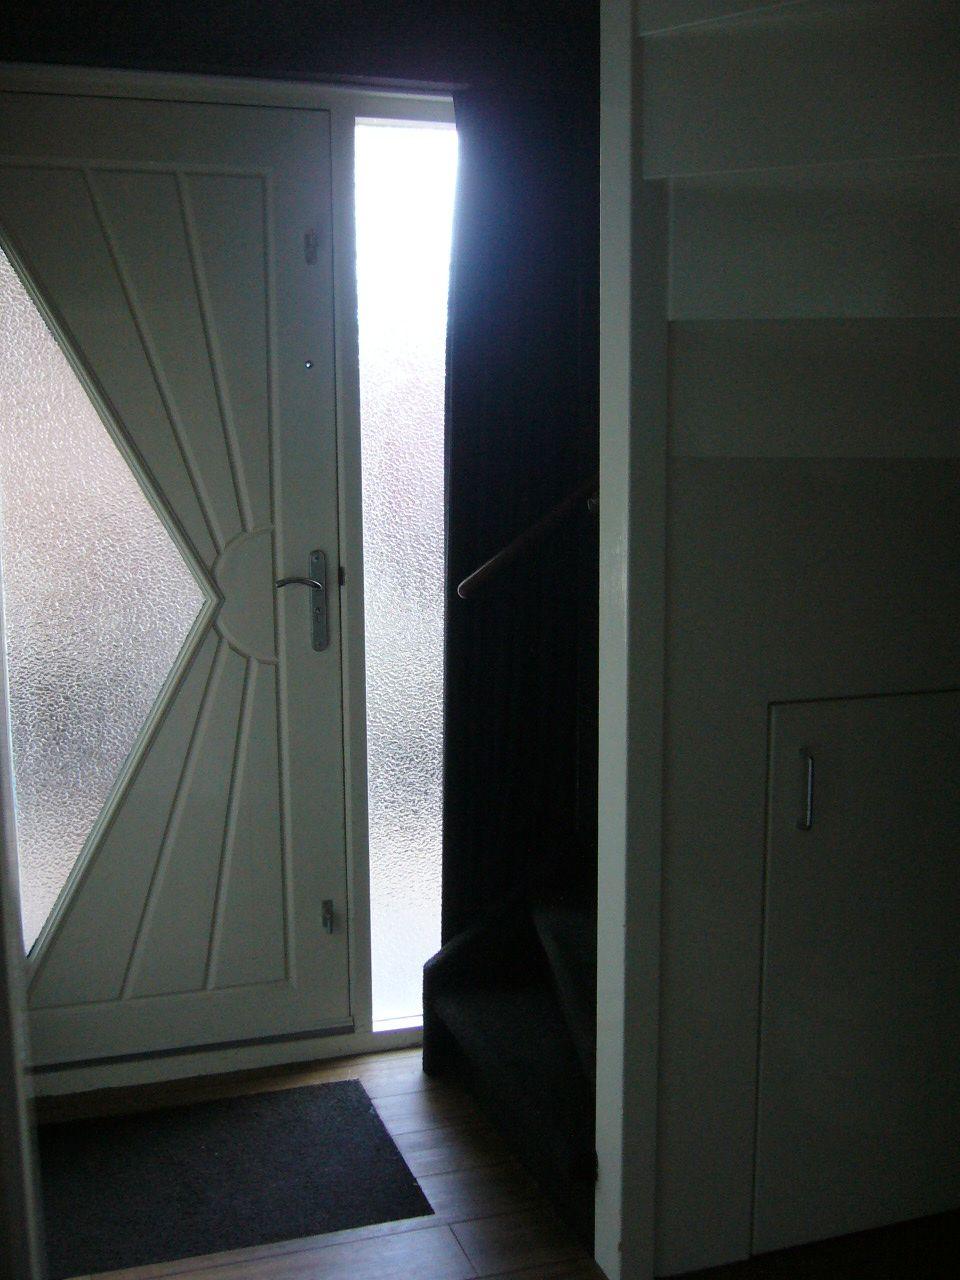 Hal entree met trapopgang pvc vloer van therdex in houtlook met zwart voegstripje - Entreehal met trap ...